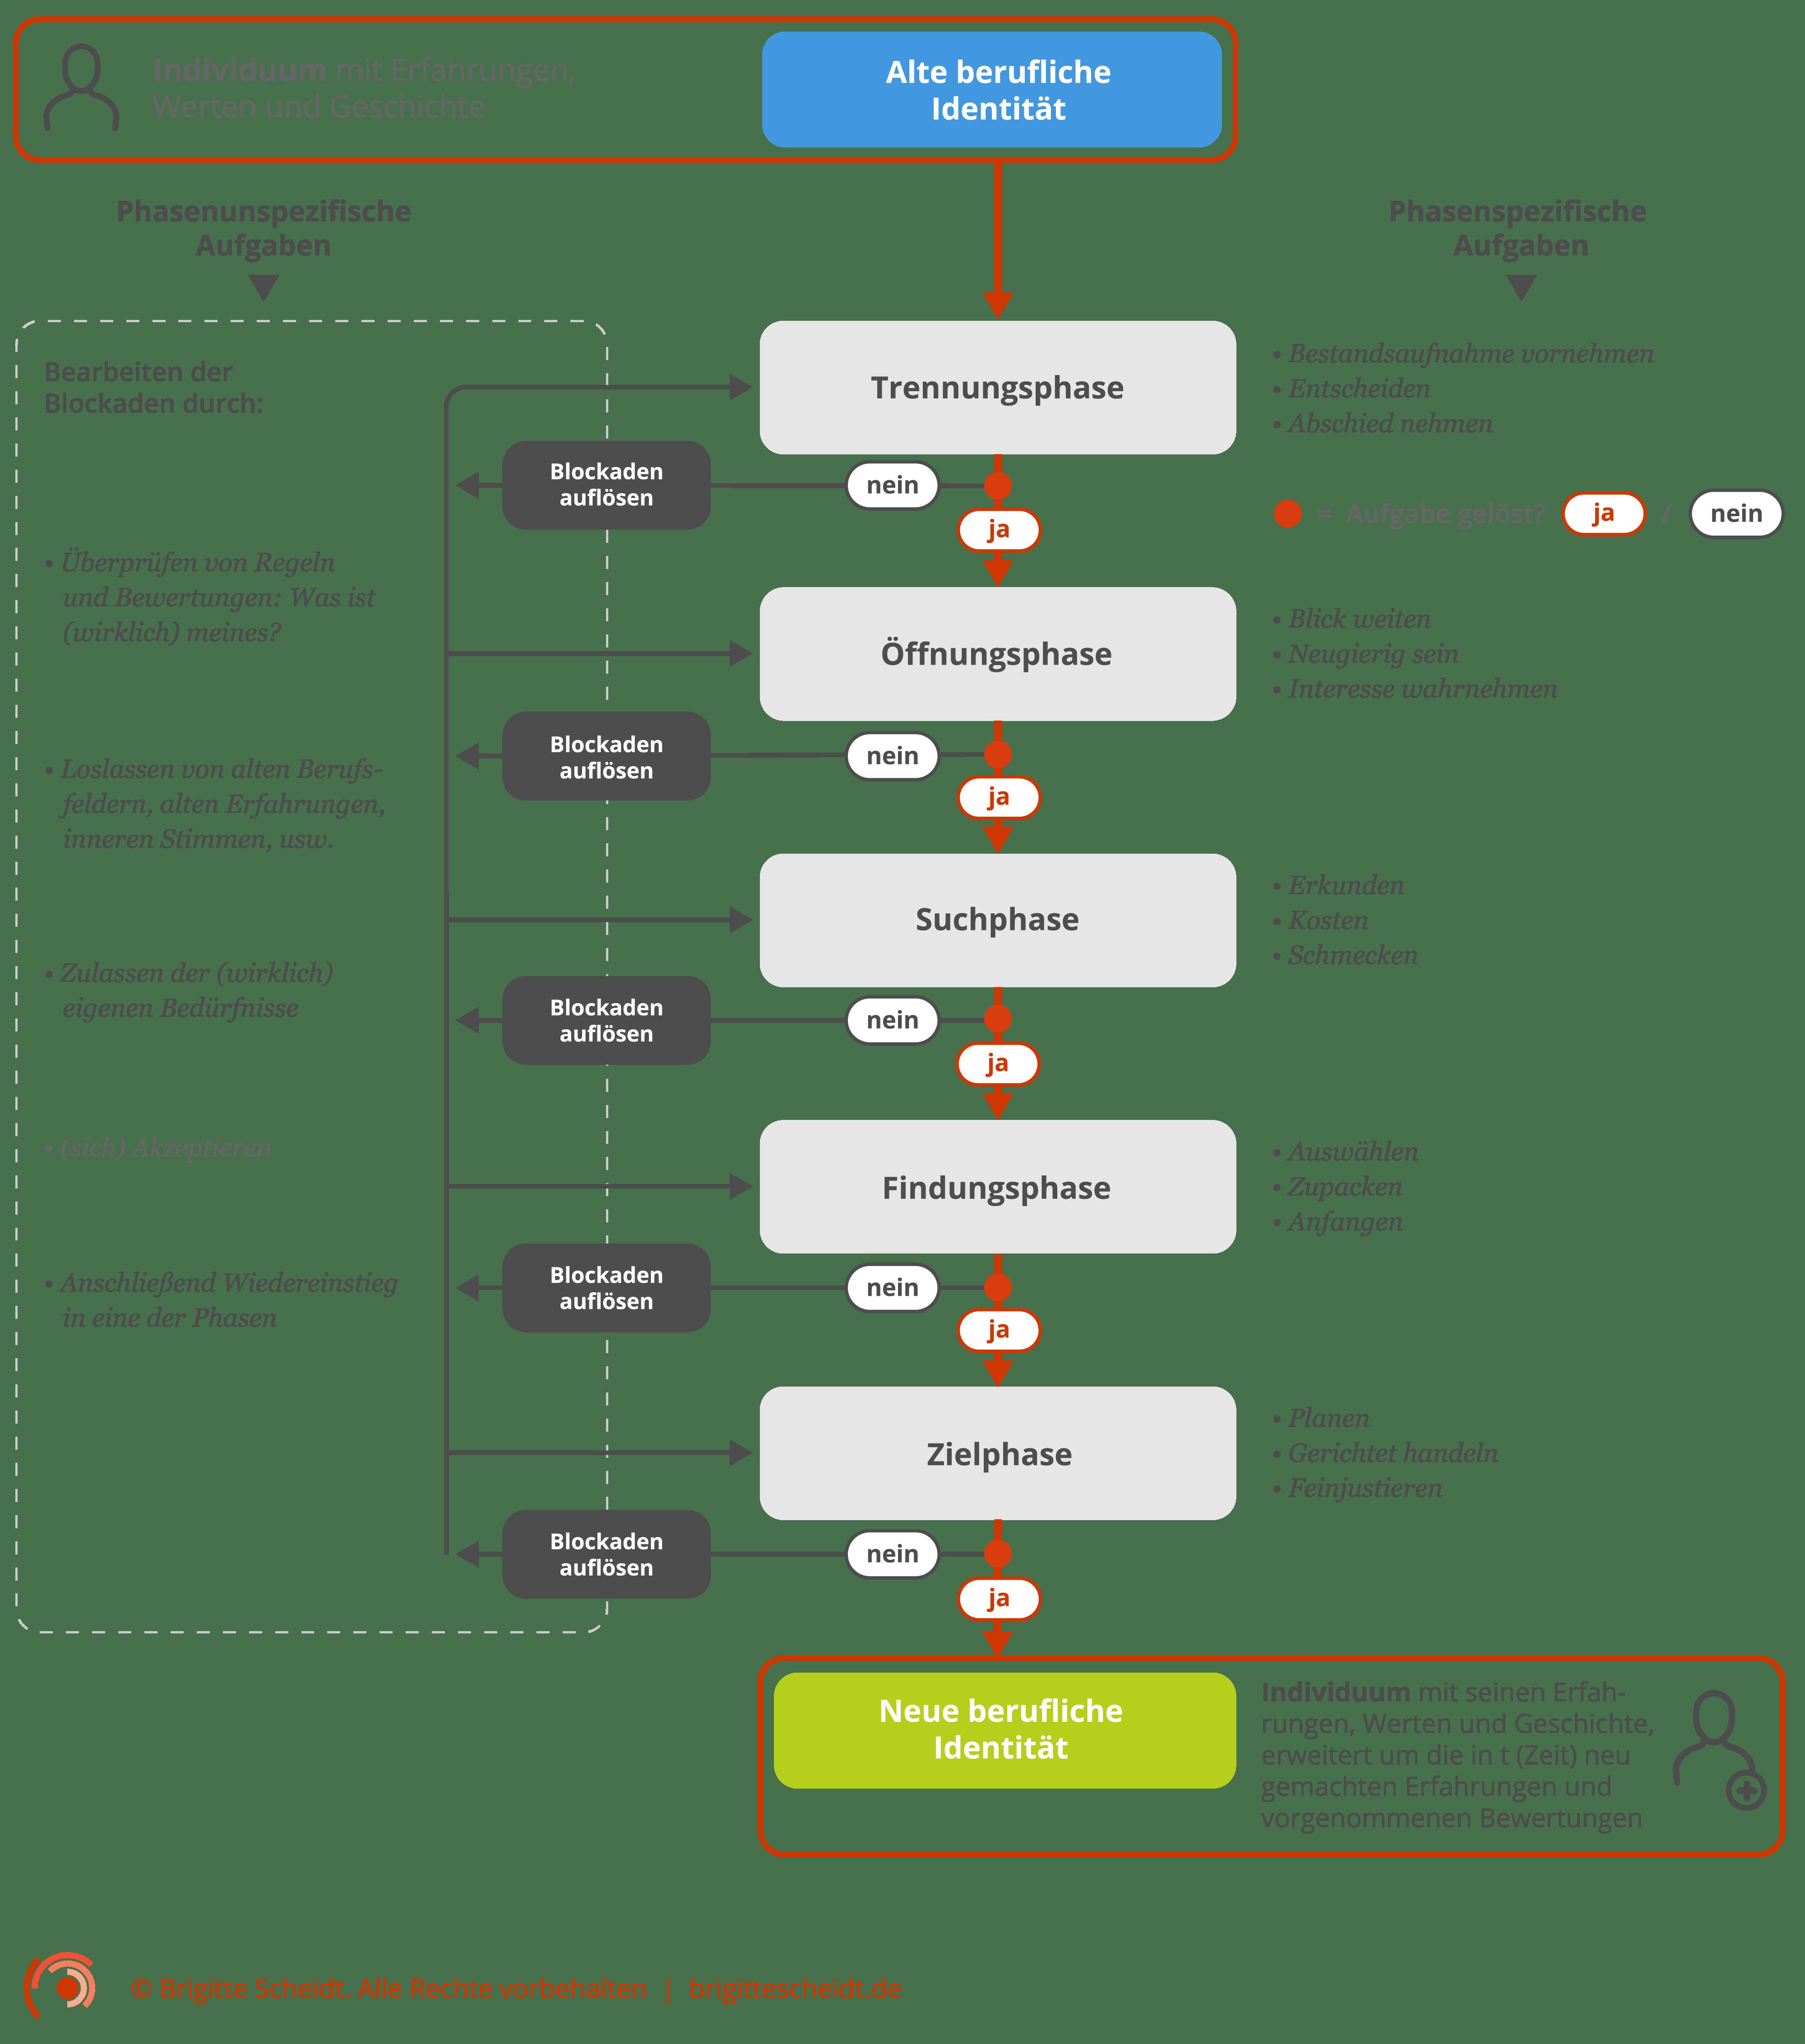 Das Fünf-Phasen-Modell der beruflichen Neuorientierung und beruflichen Umorientierung